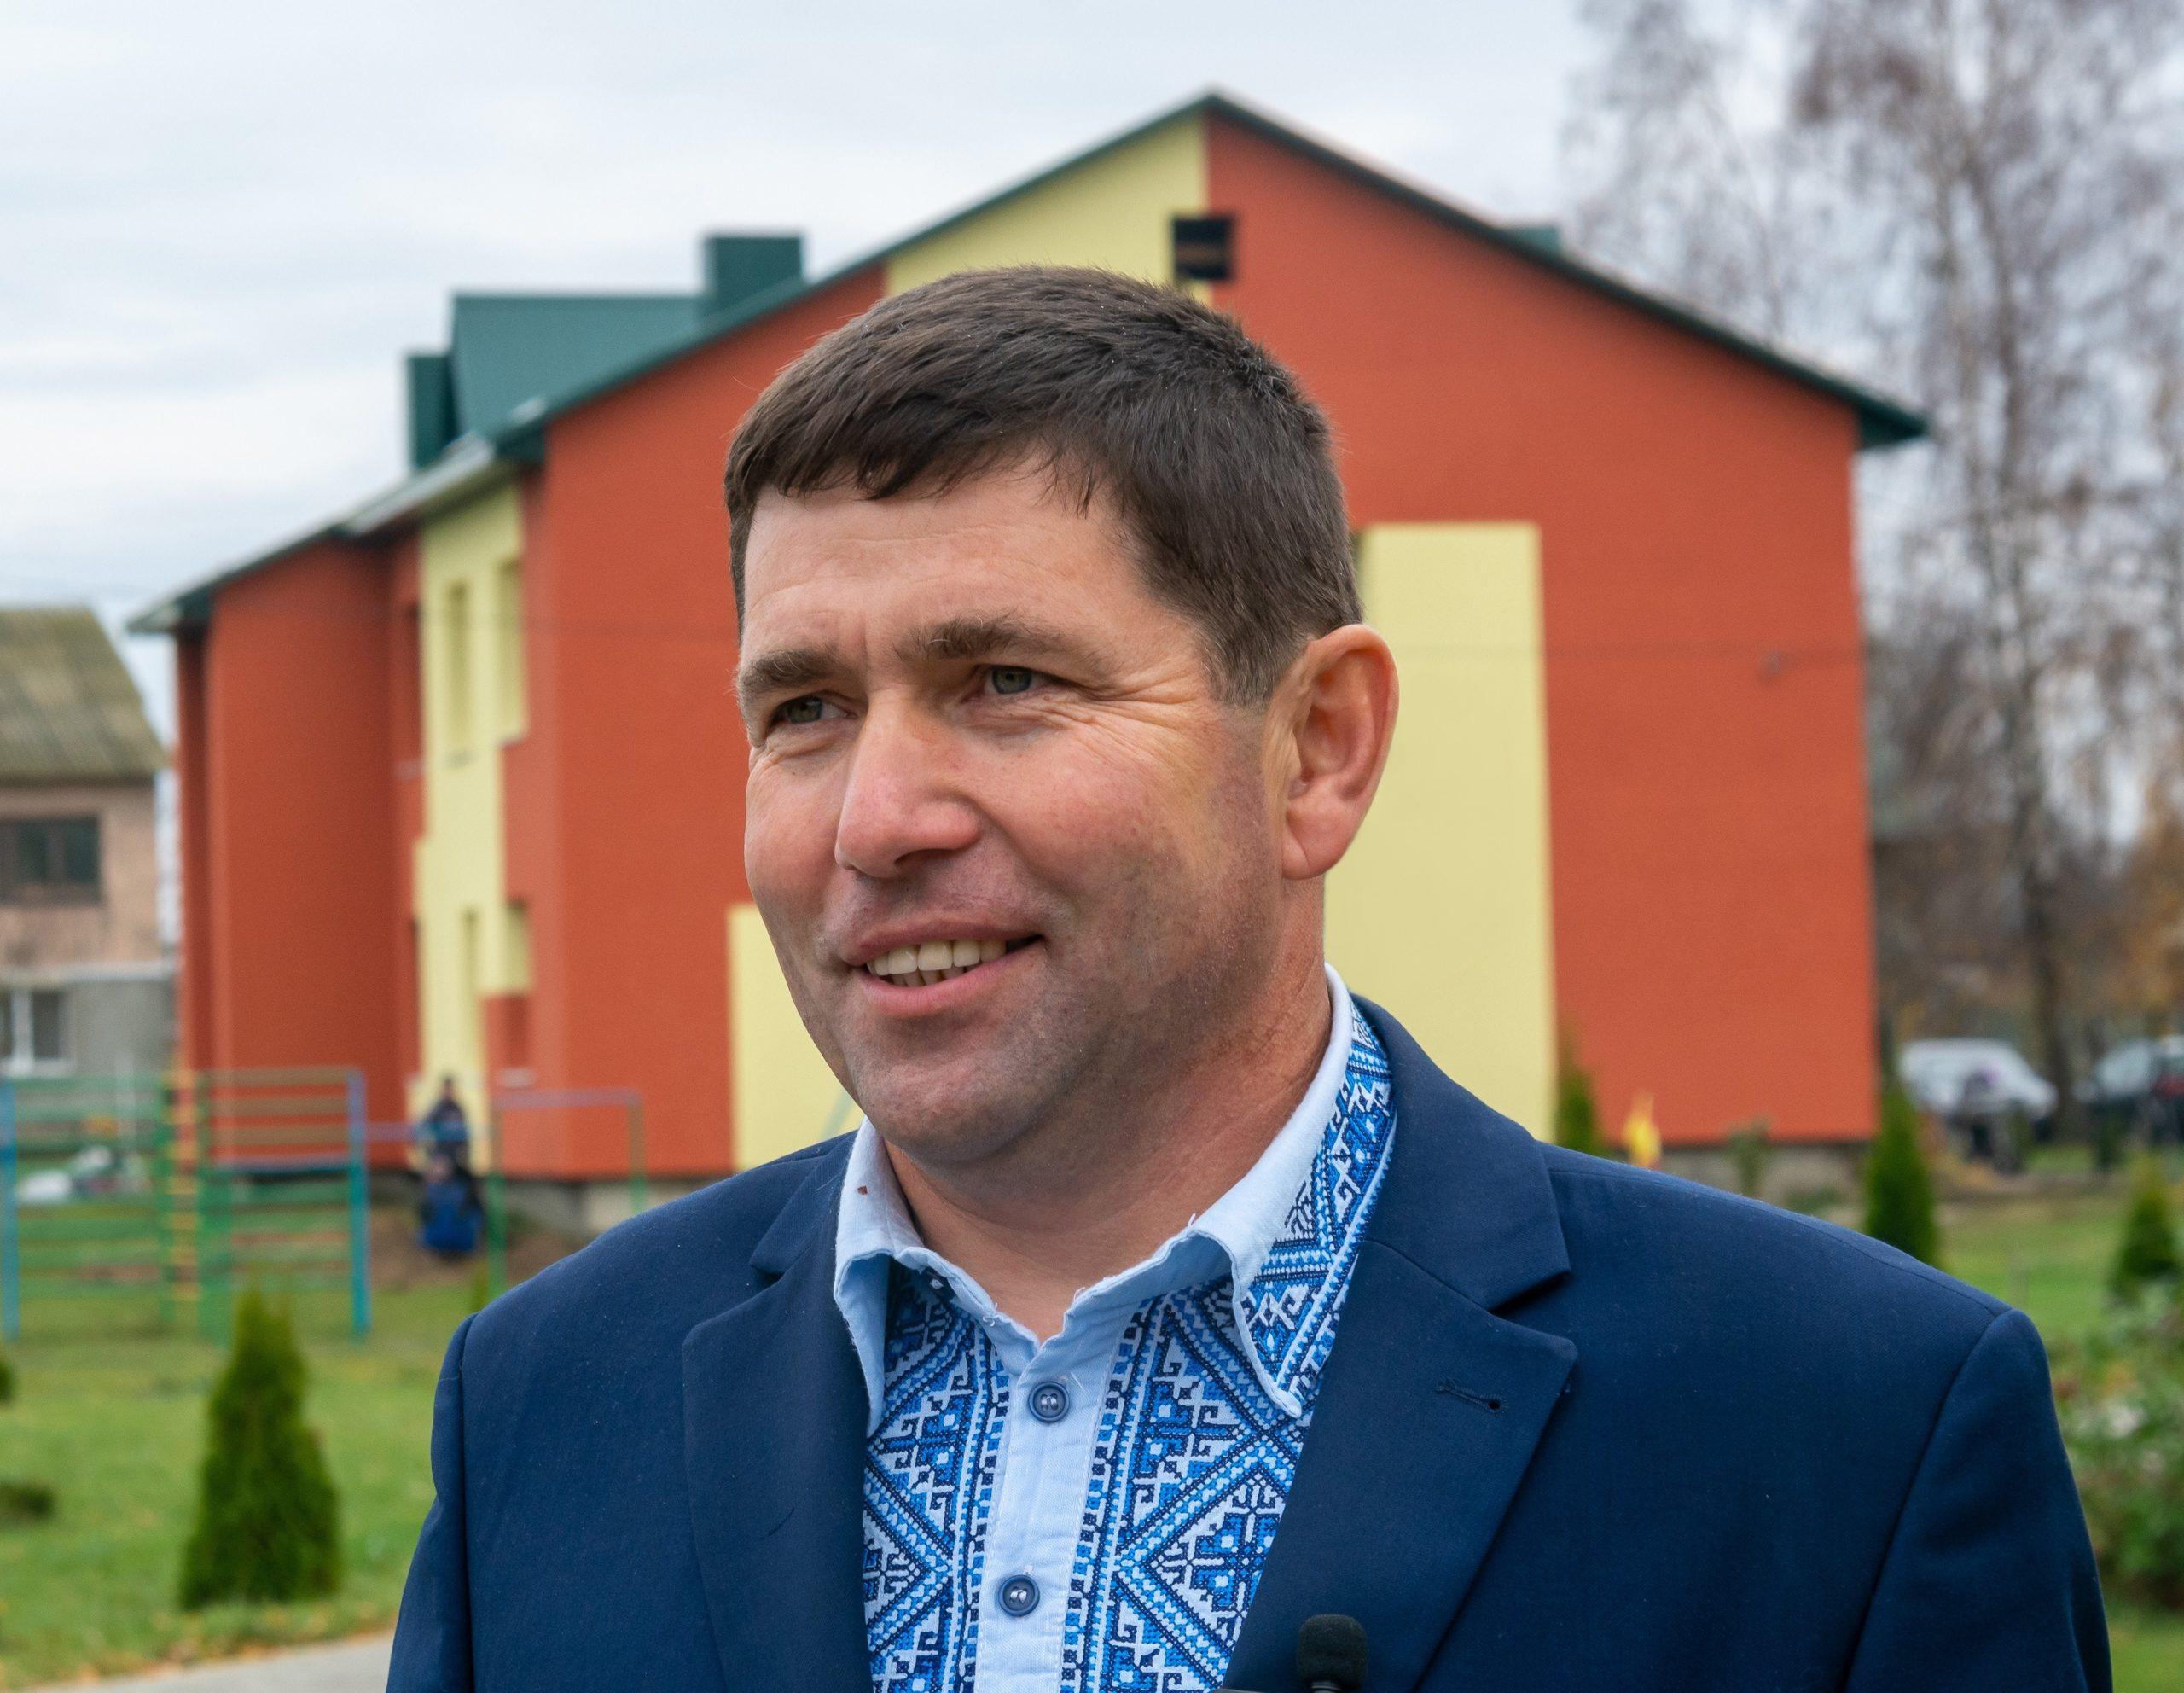 Як ОТГ у Волинській області вдалося стати прикладом успішного розвитку території